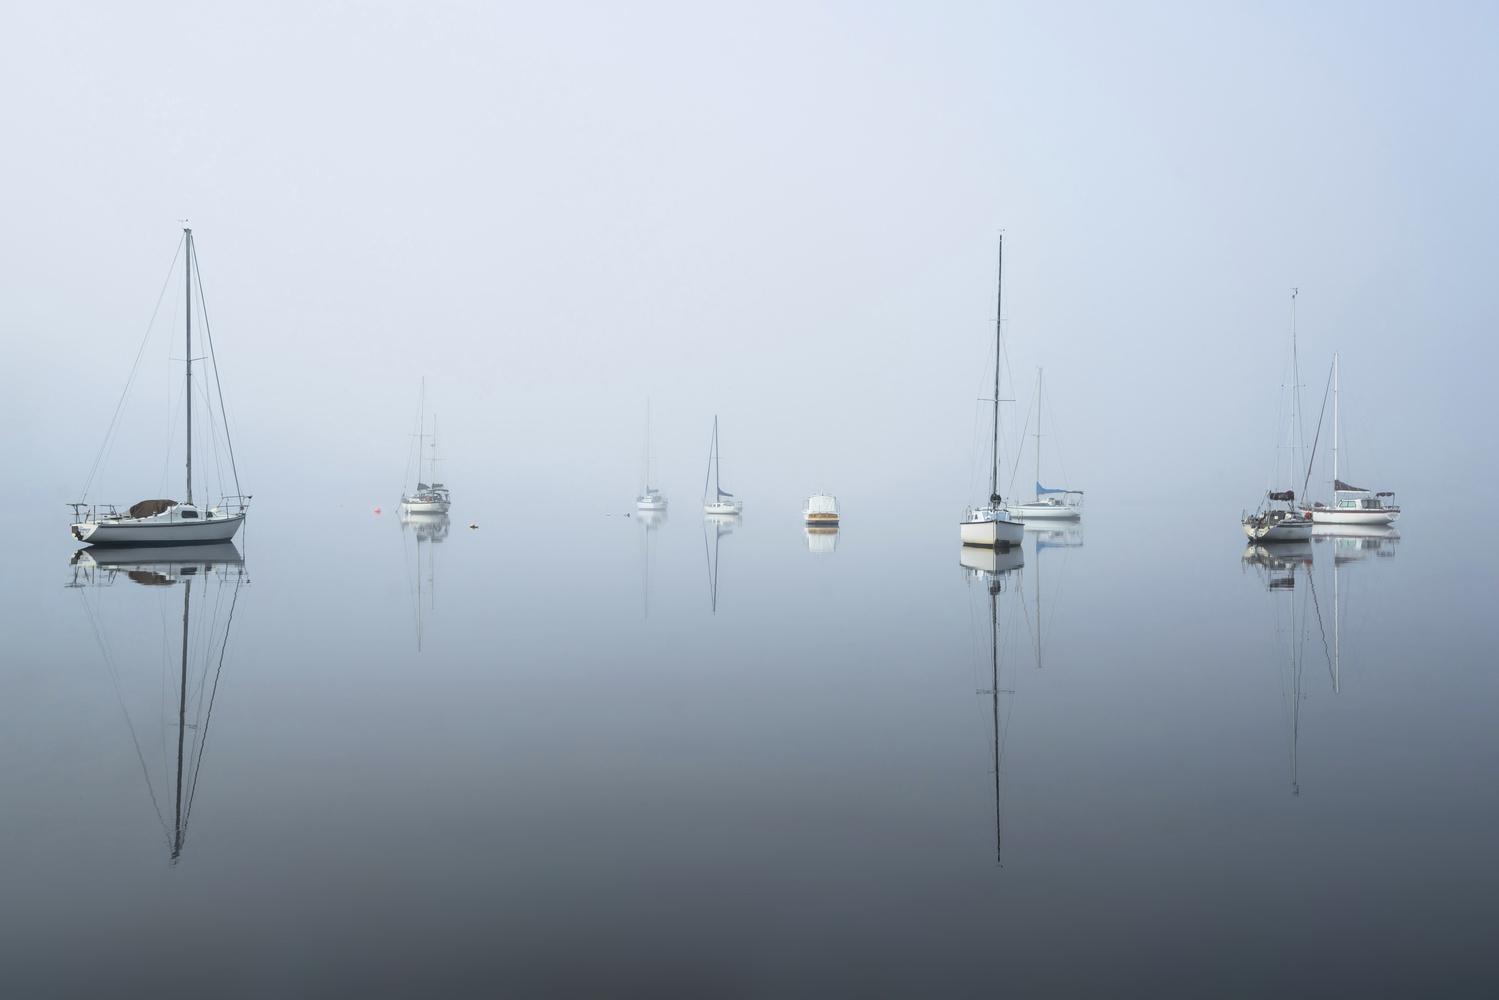 Misty River by Jessica Scott